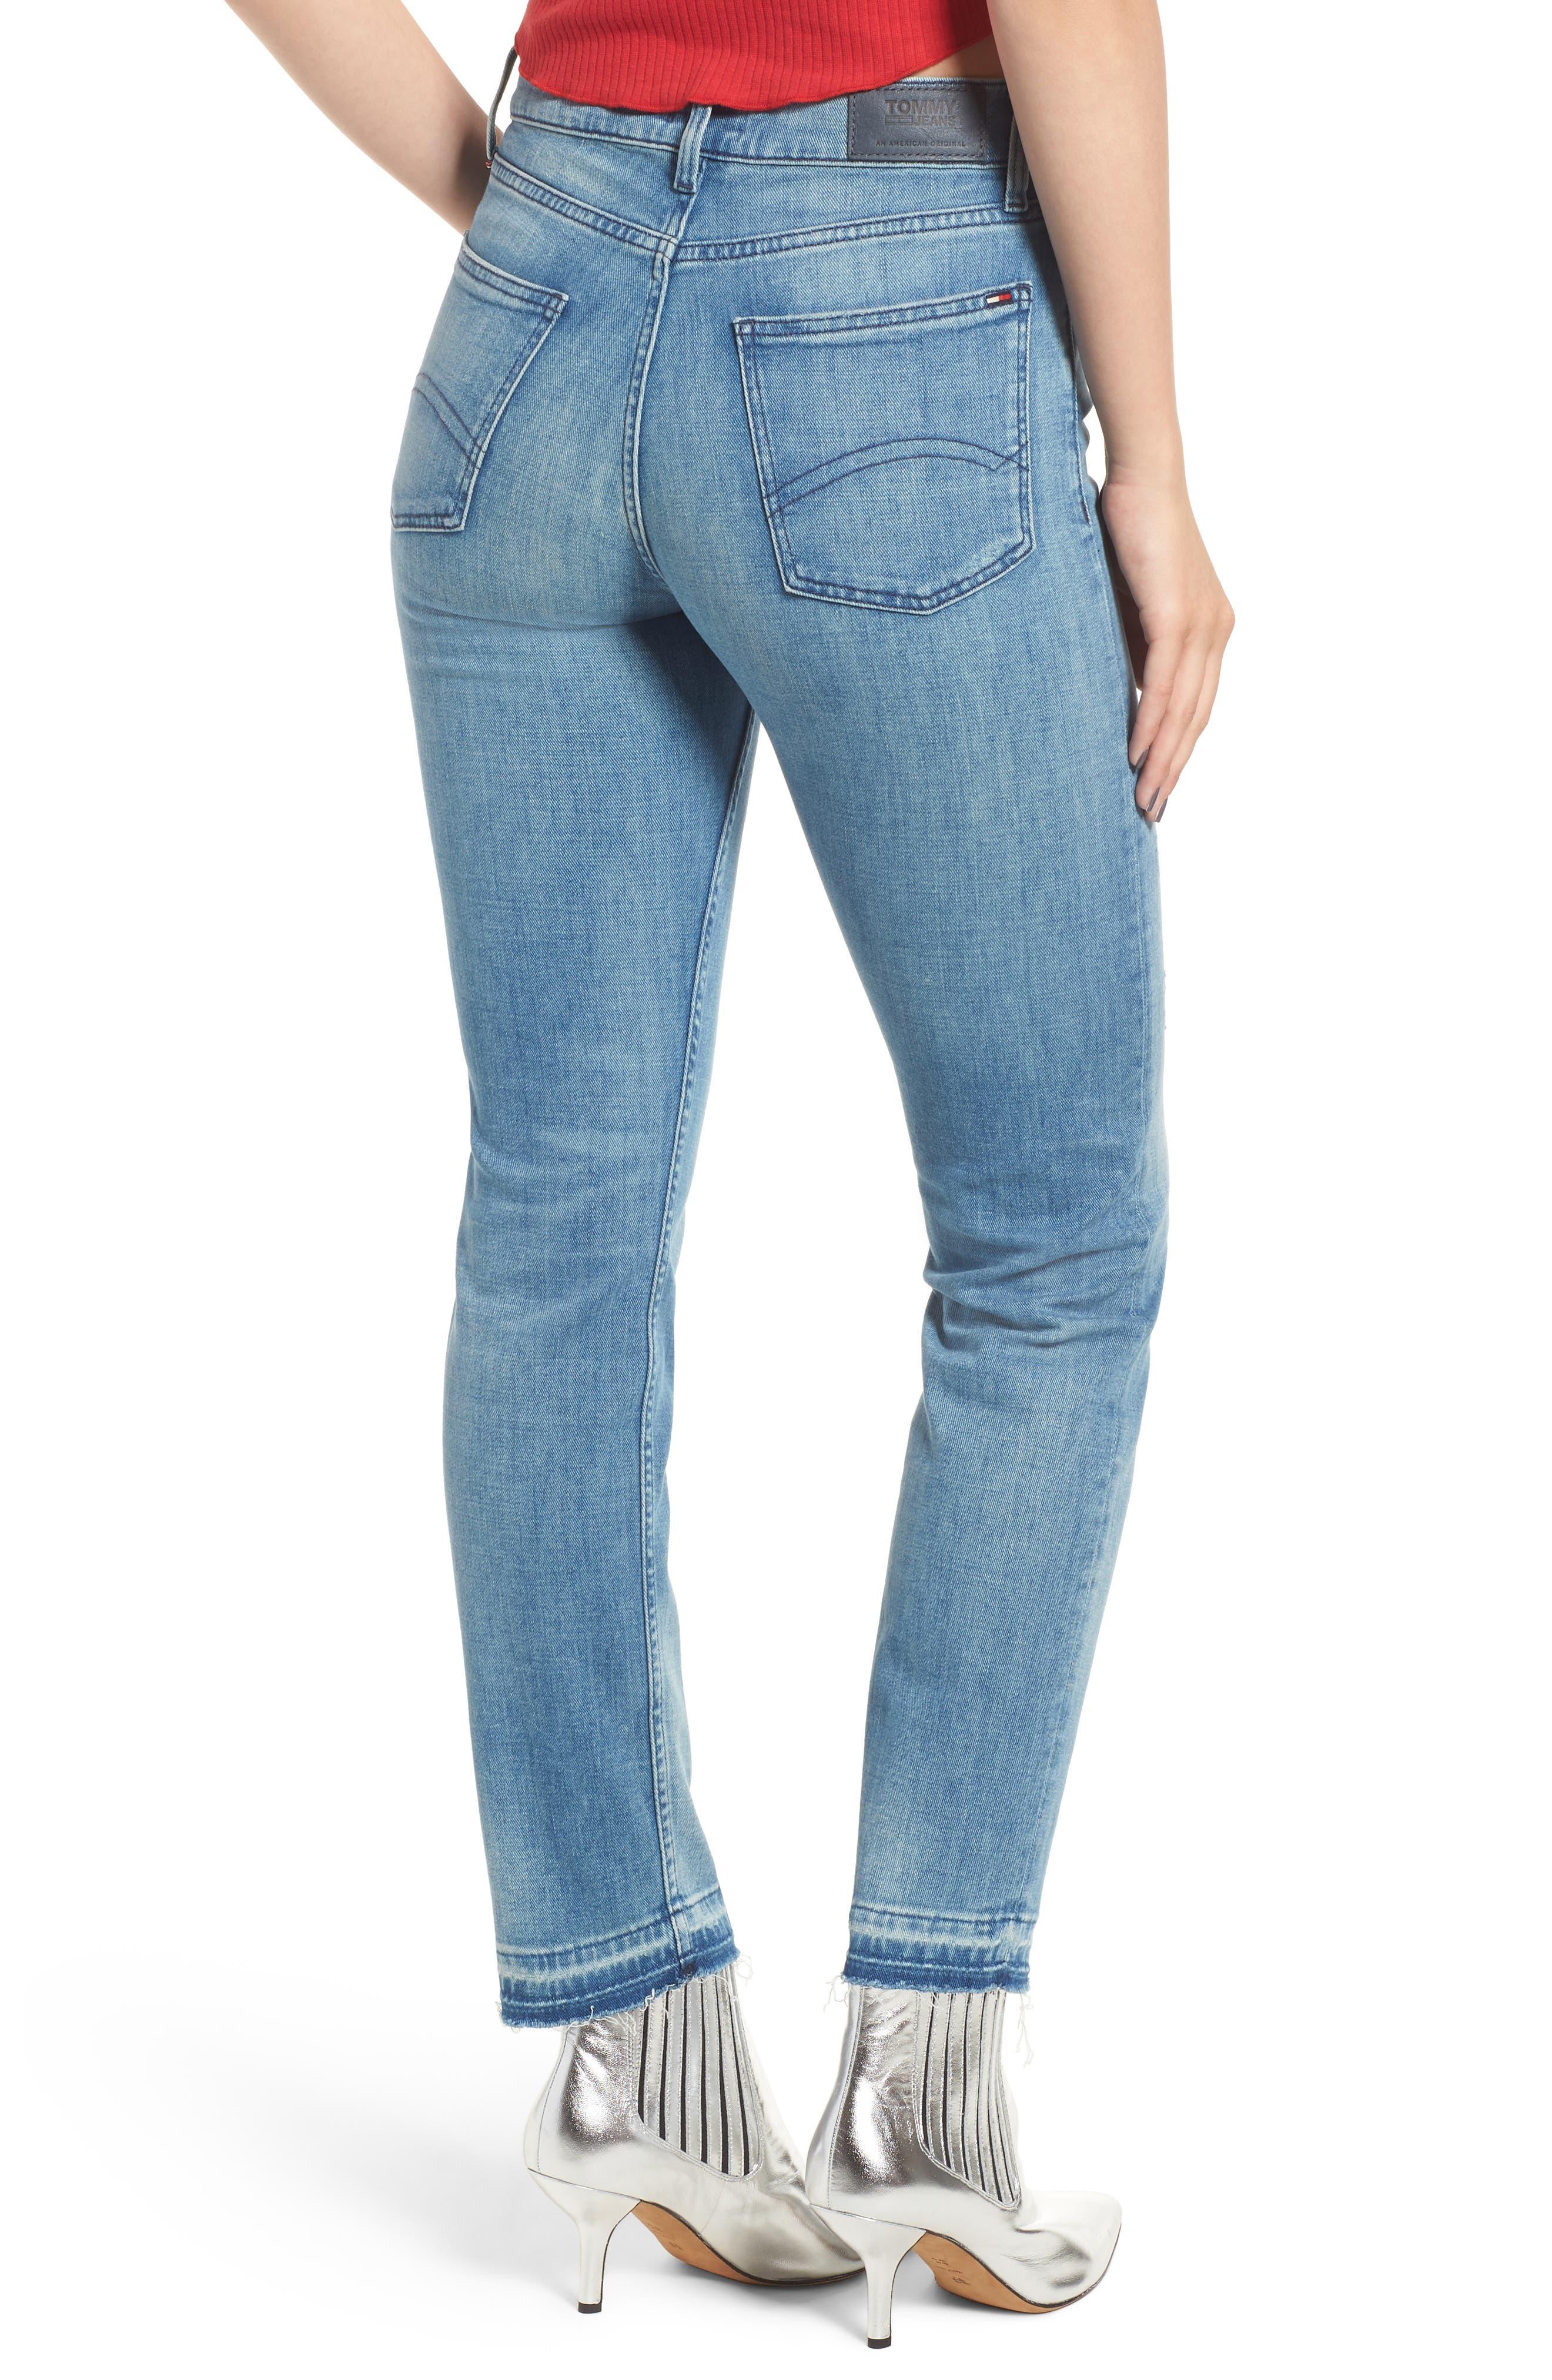 Izzy High Waist Slim Leg Jeans,                             Alternate thumbnail 2, color,                             Denver Light Blue Comfort